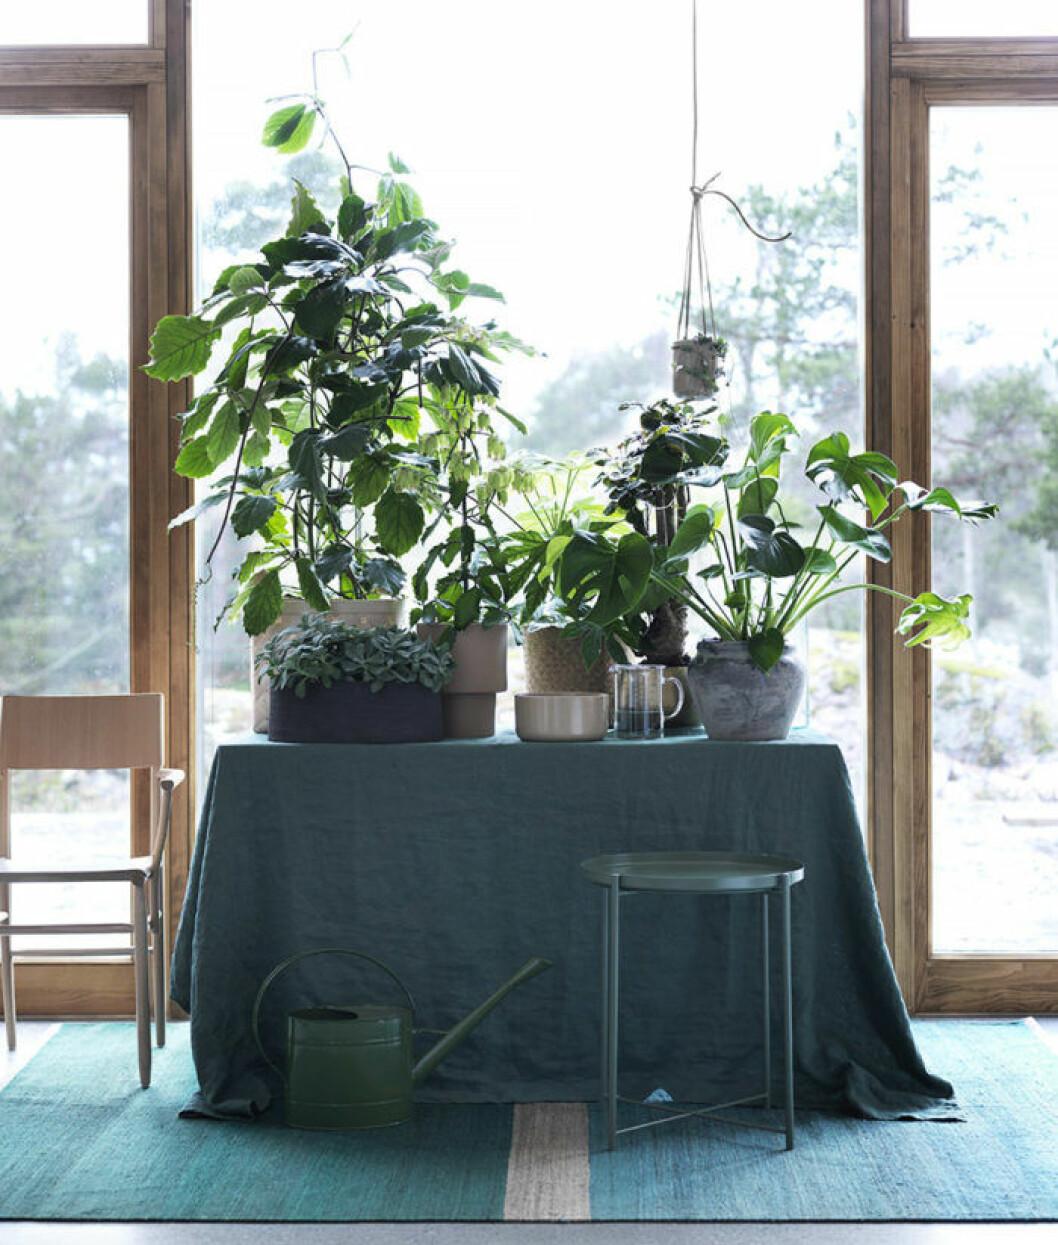 Bord med gröna växter på